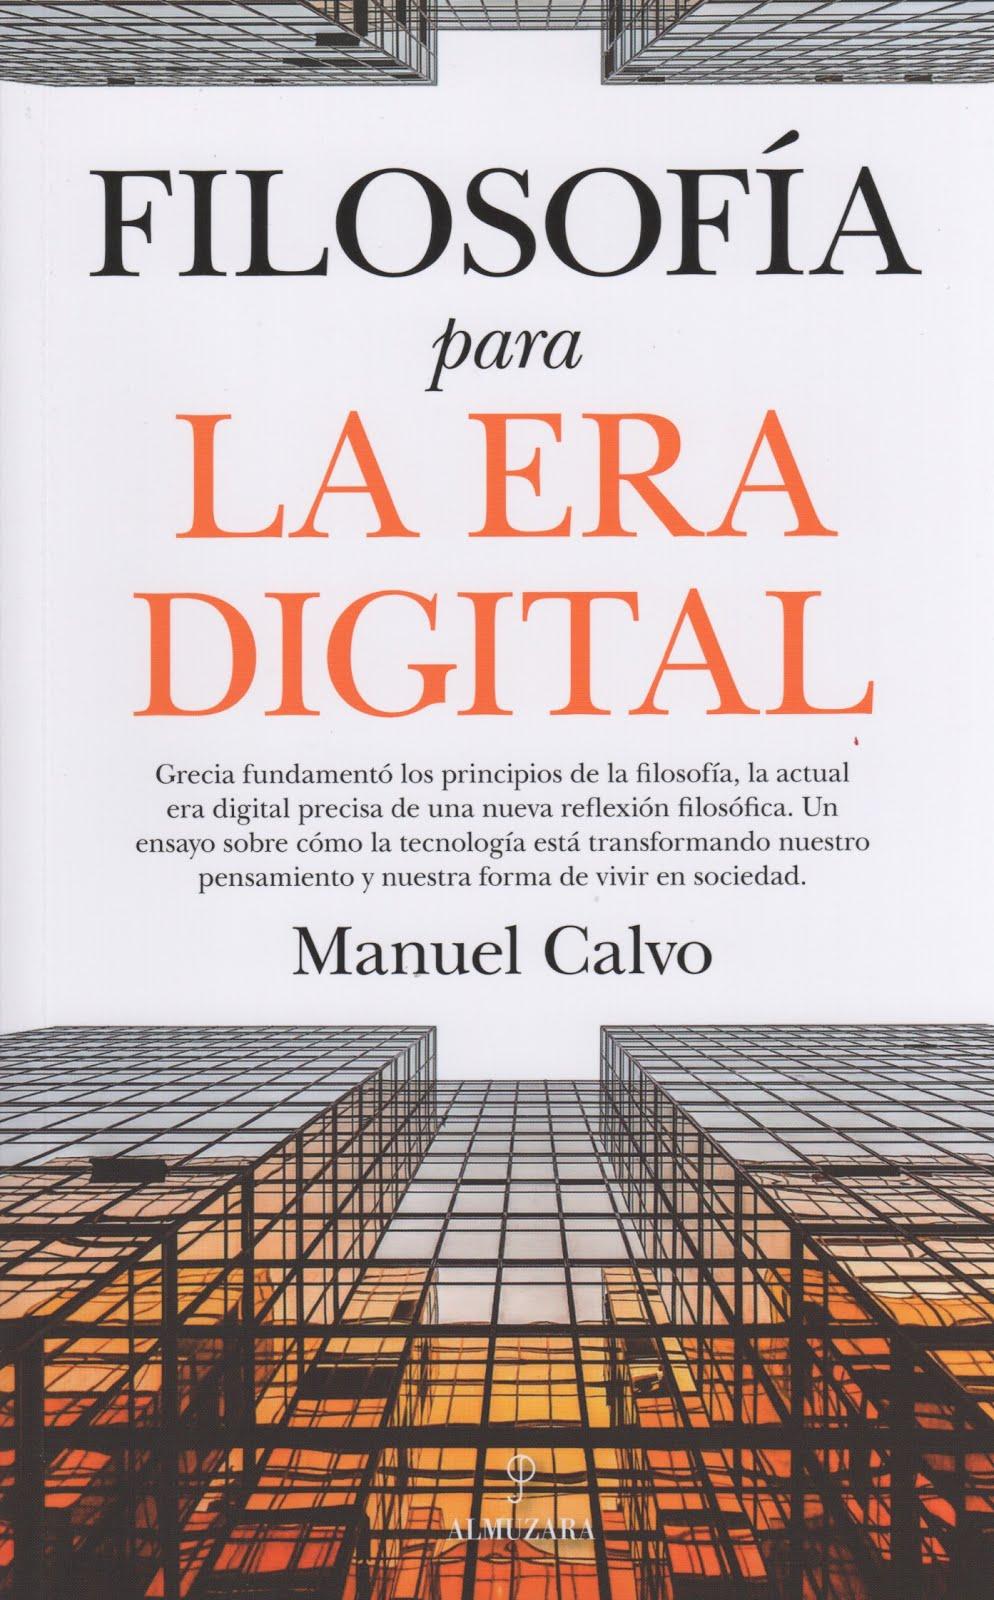 Manuel Calvo (Filosofía para la era digital)